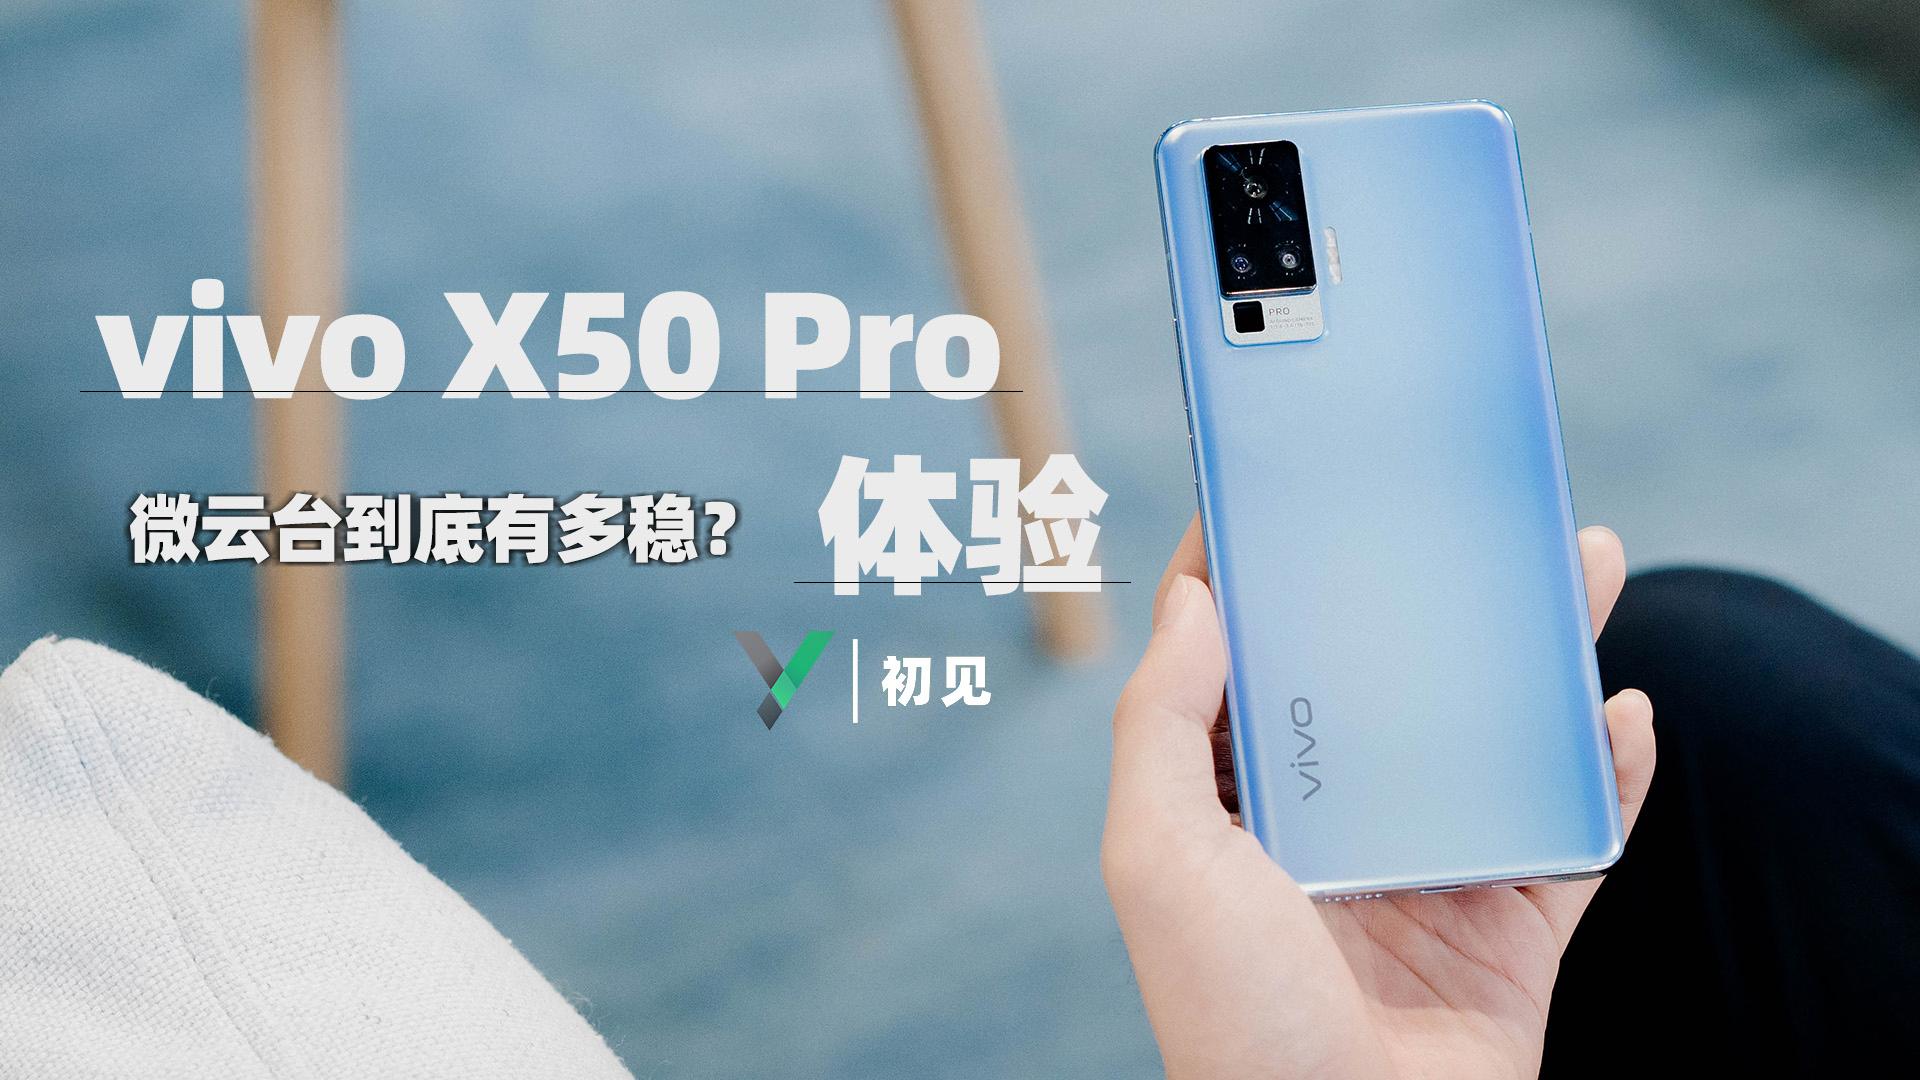 【初见】vivo X50 Pro上手:微云台到底有多稳?